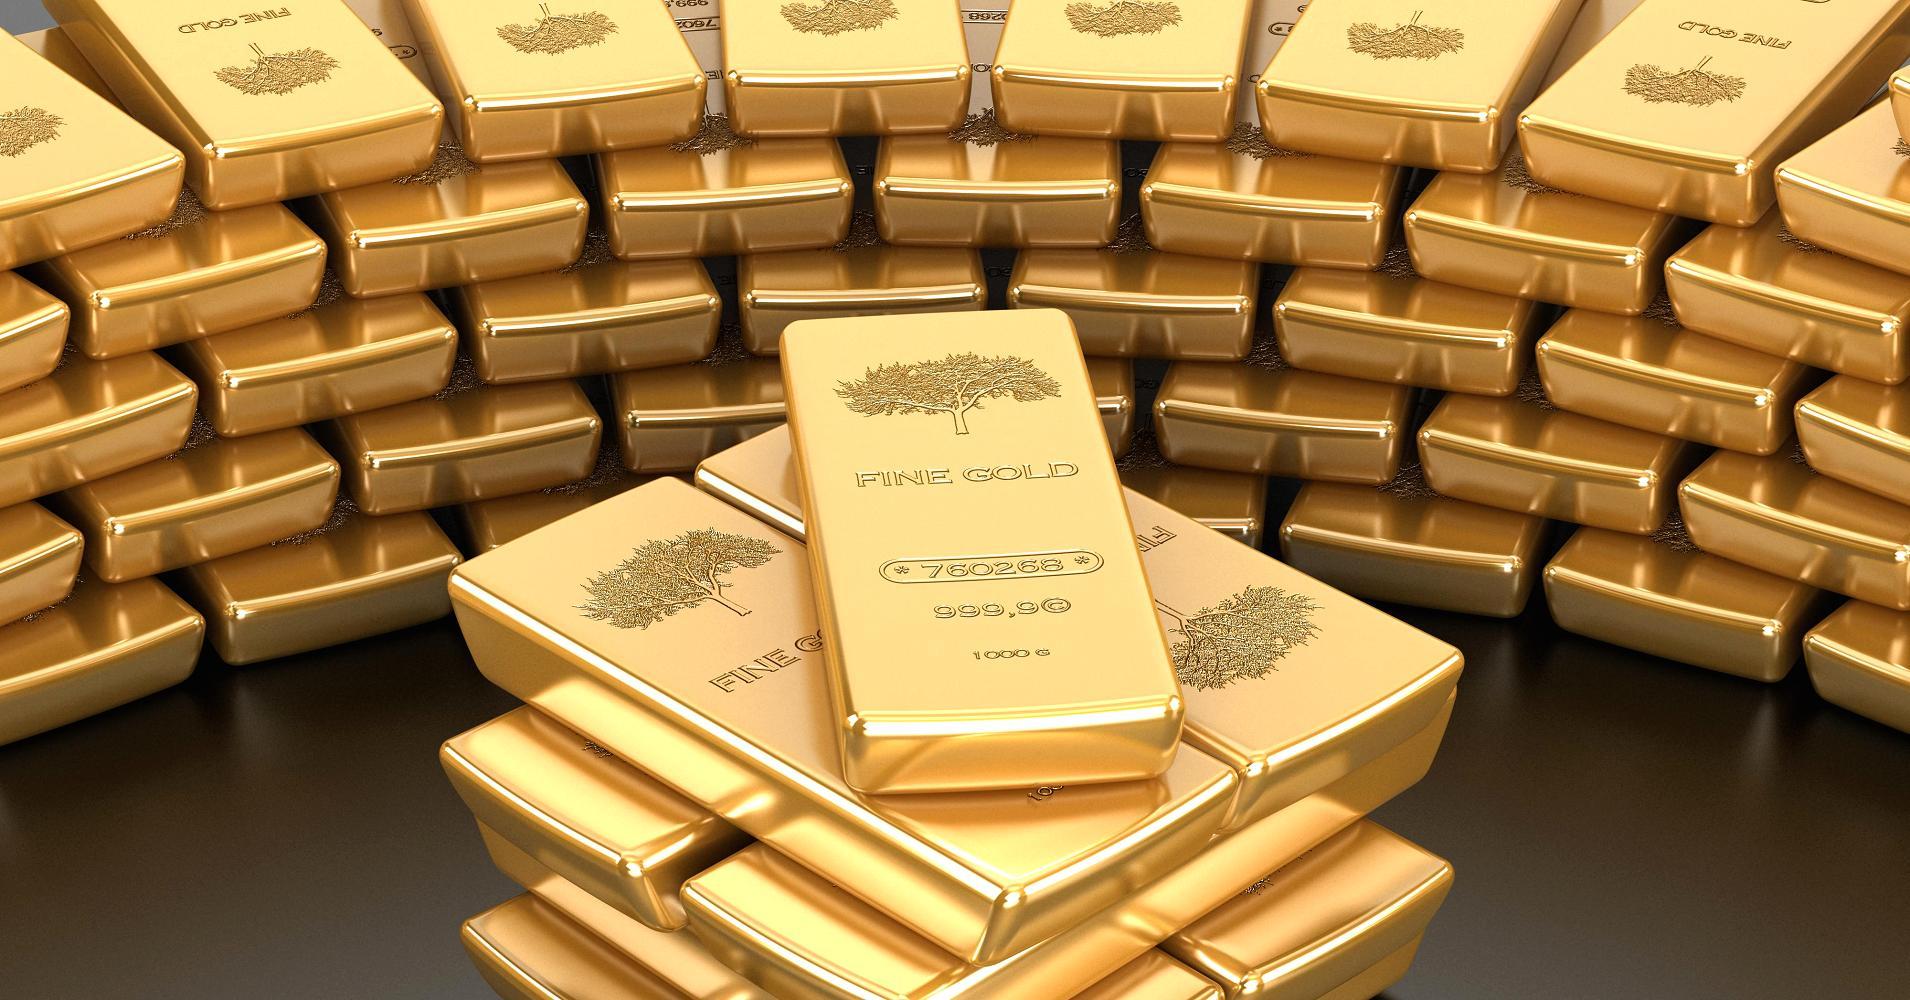 الذهب مستقر مع انحسار خسائر ما بعد بيانات الوظائف الأمريكية